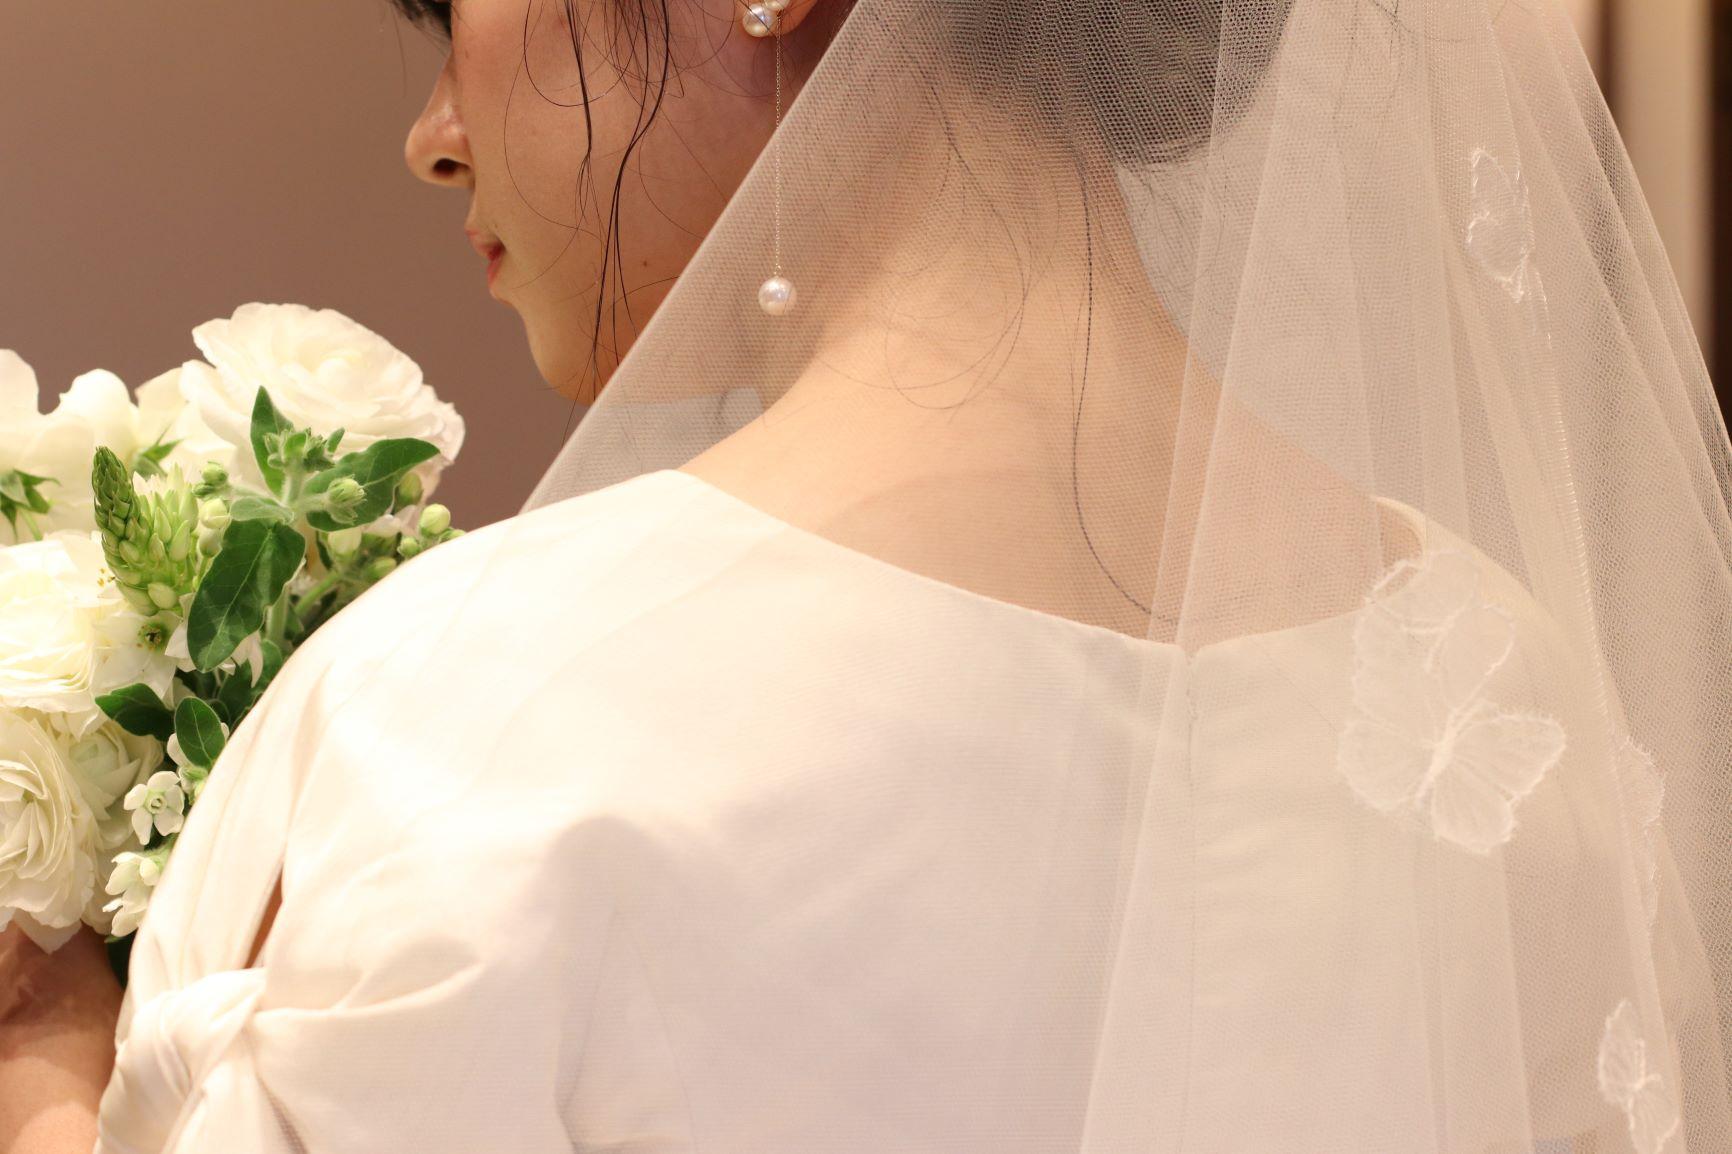 赤坂プリンスクラシックハウスでの少人数ウエディングでお召いただきたいウエディングドレスをトリートがご紹介